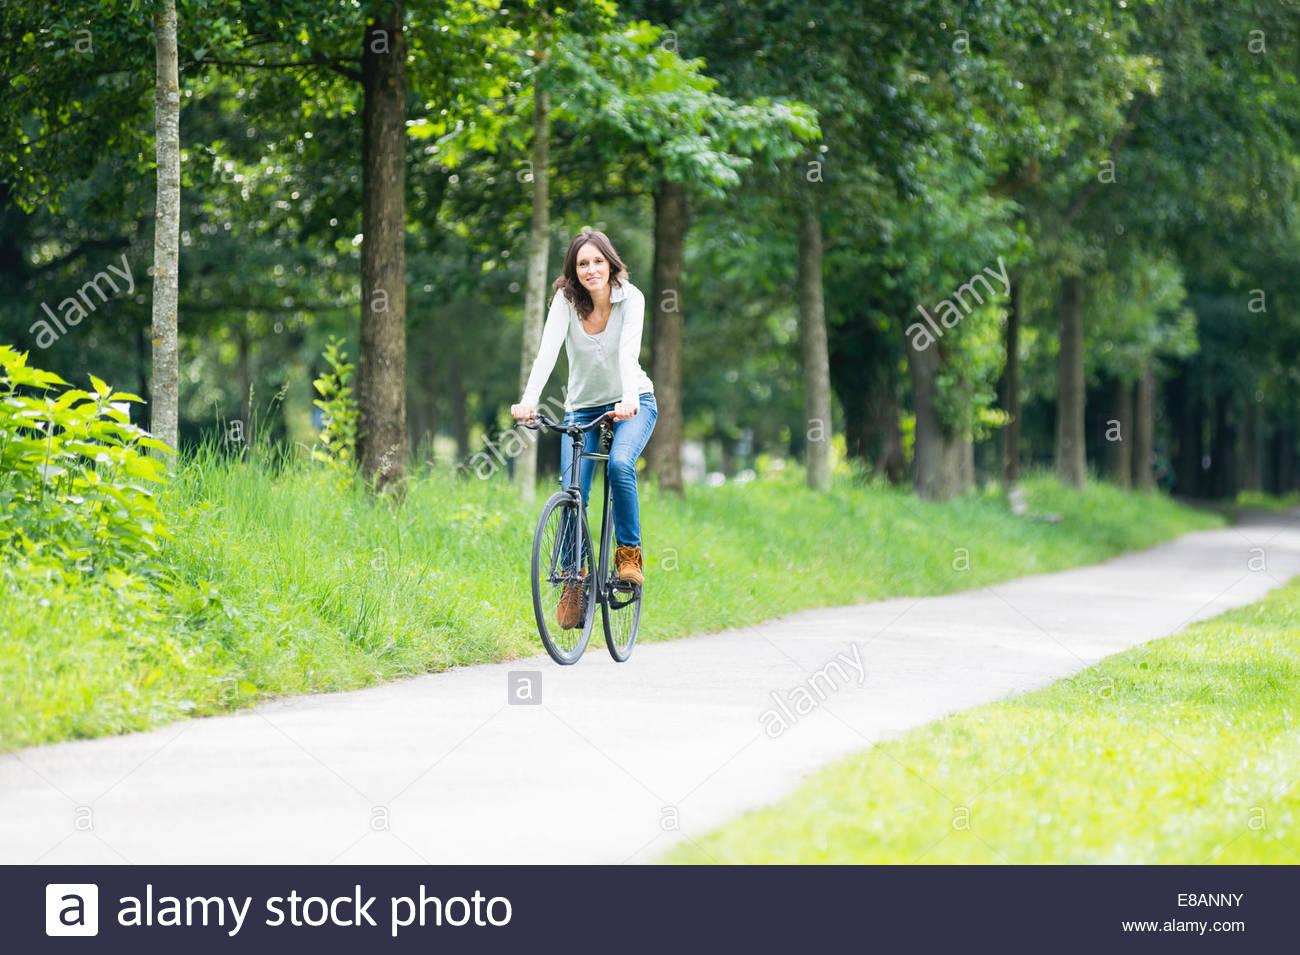 Mujer adulta media ruta en bicicleta por el parque Imagen De Stock